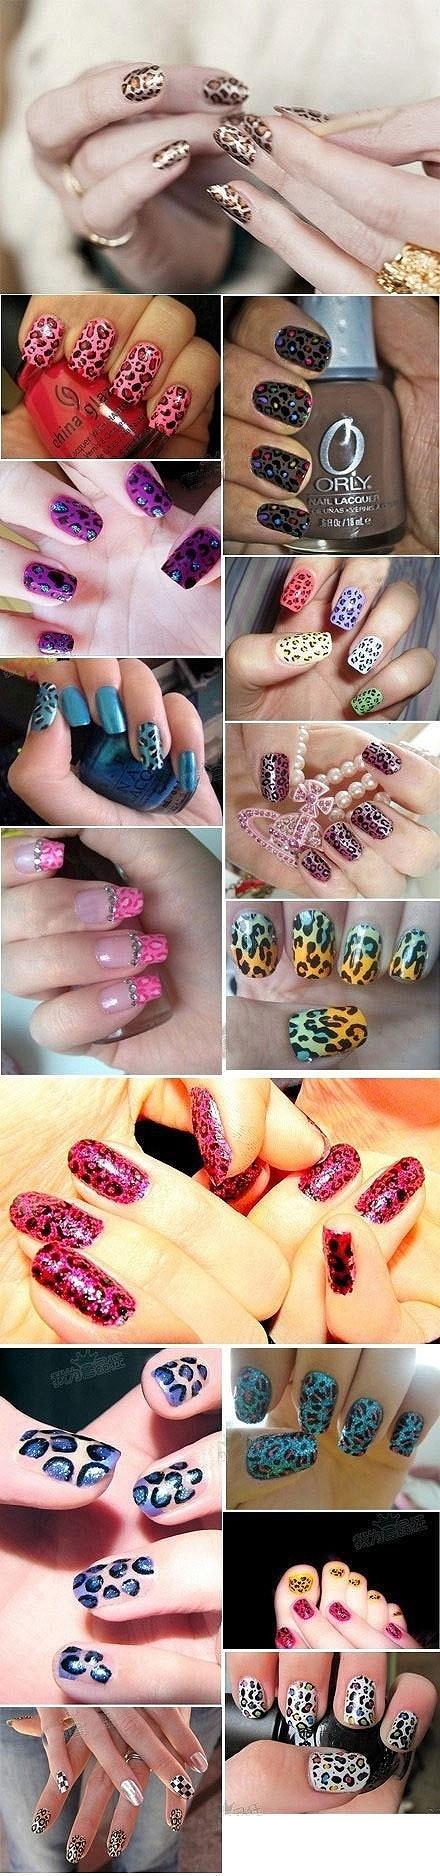 110 besten Nails Bilder auf Pinterest | Arbeitsnägel, Nagel bling ...